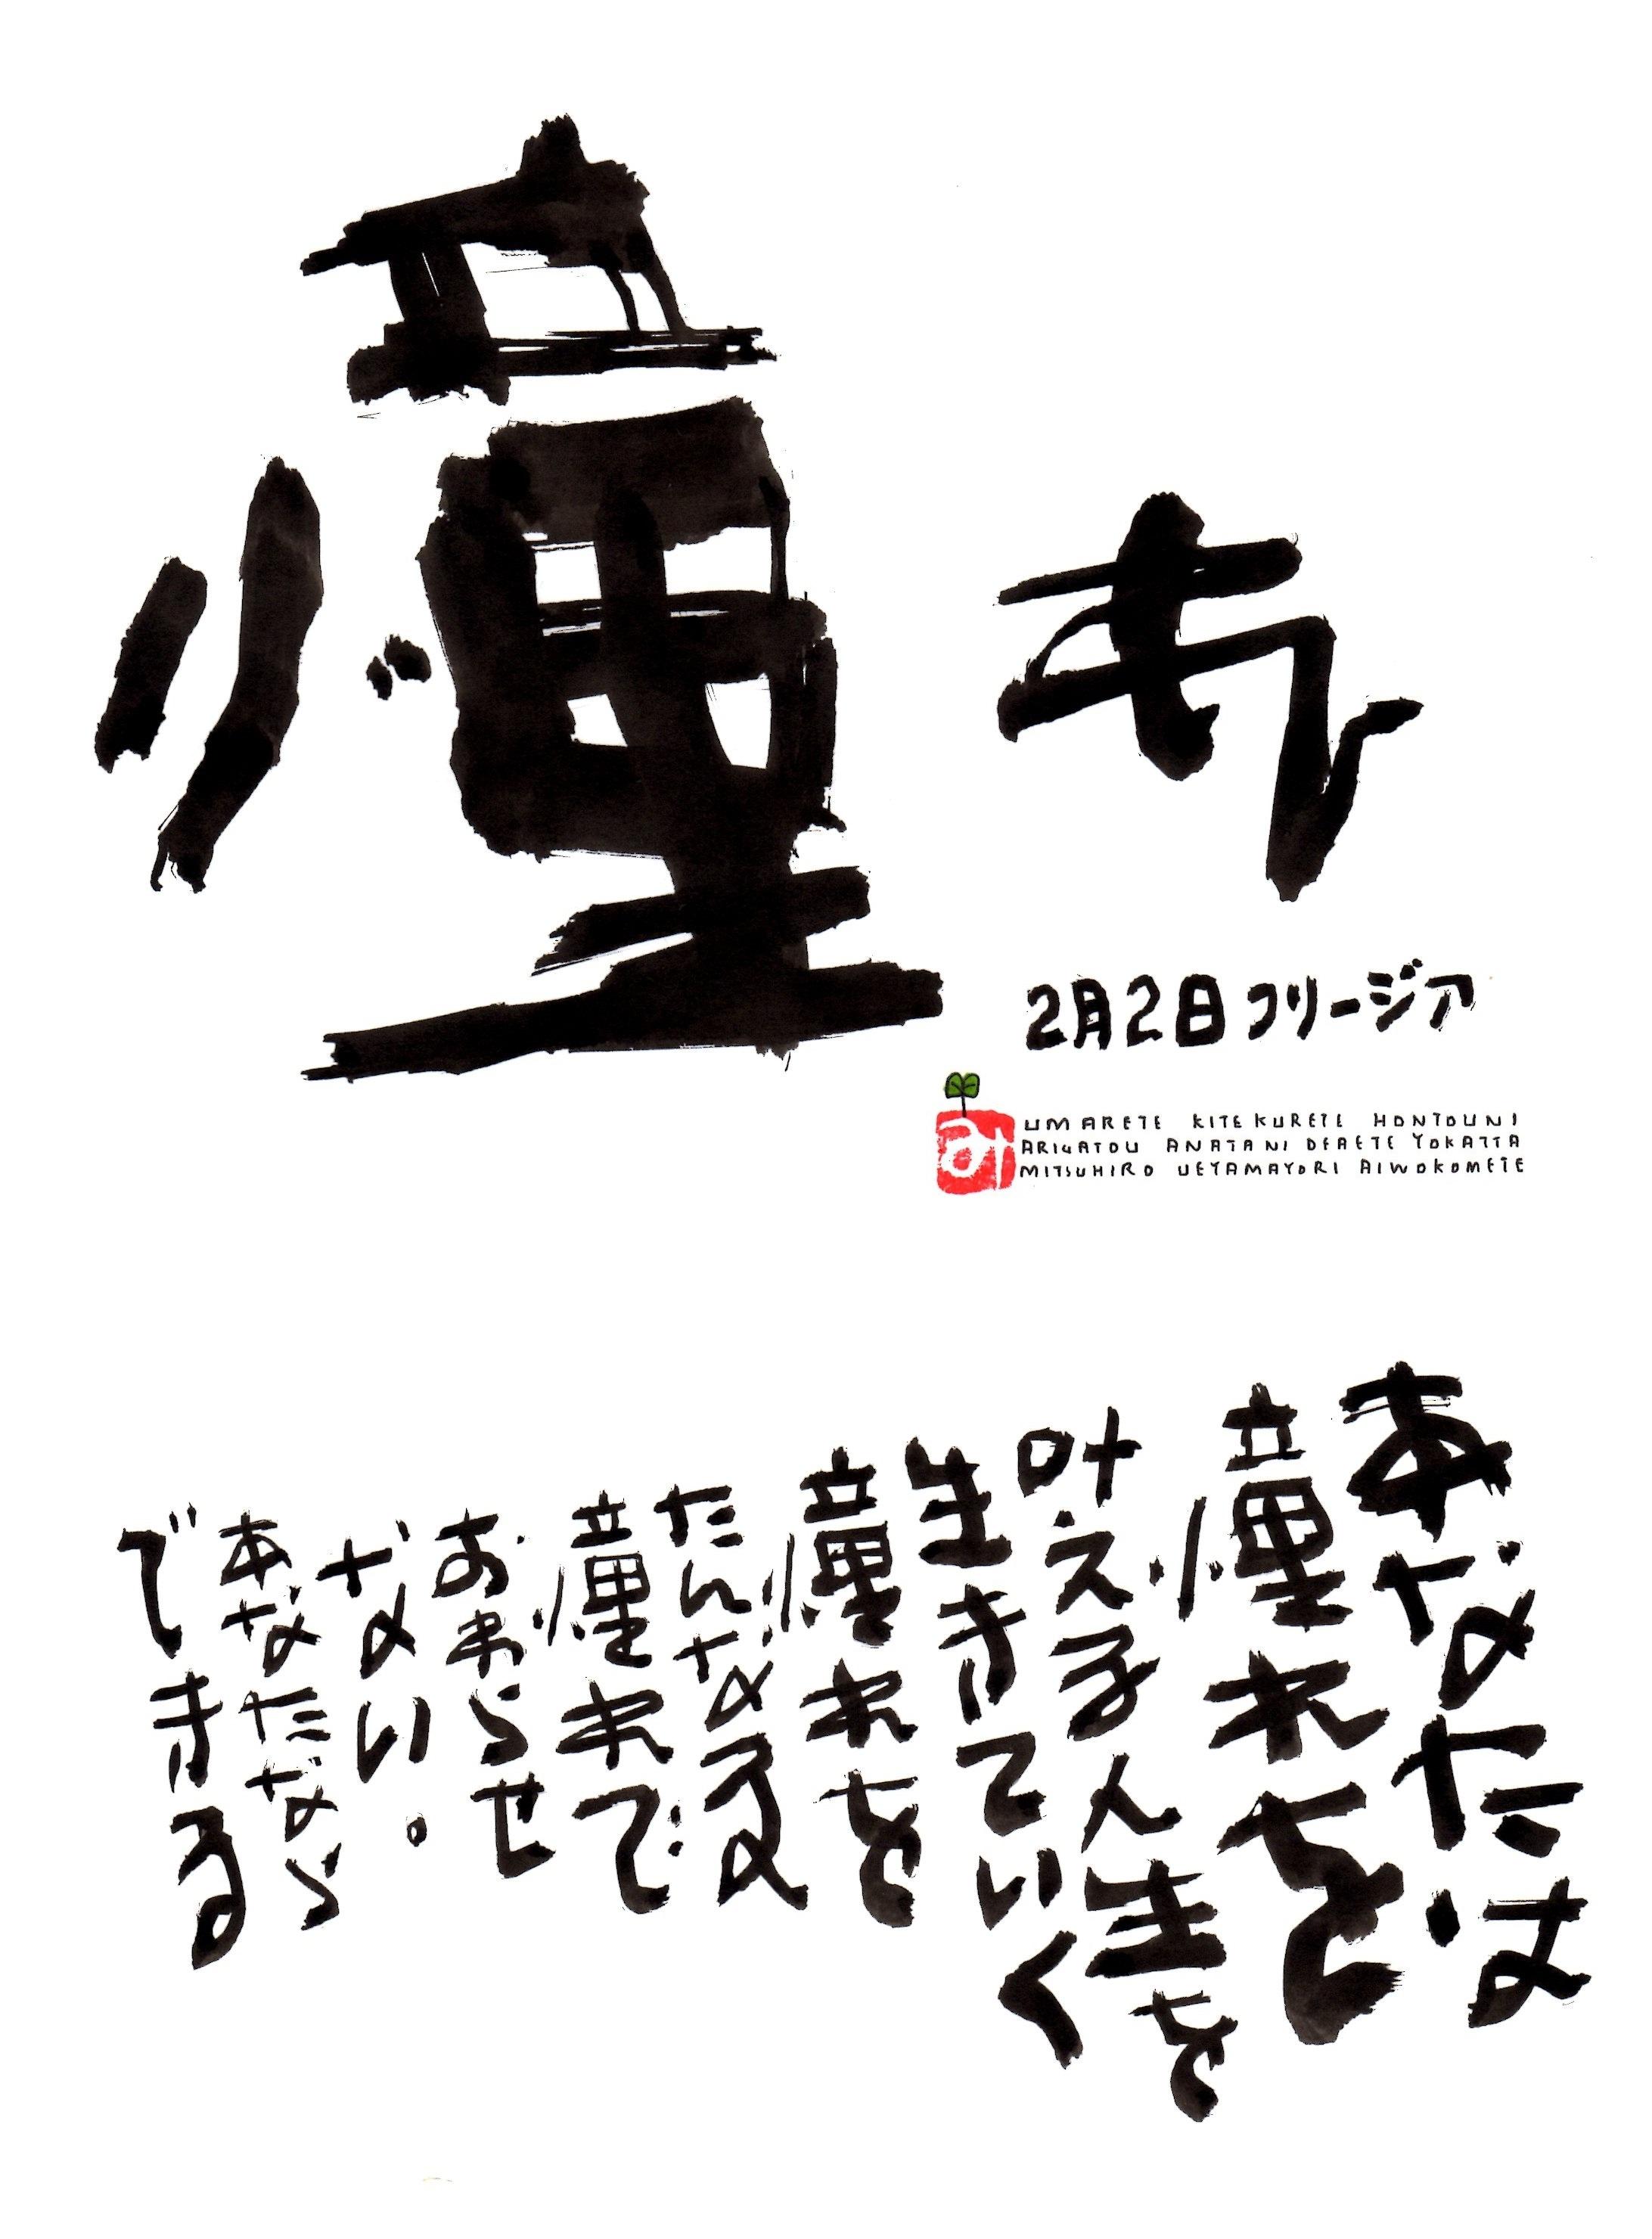 2月2日 誕生日ポストカード【憧れ】longing